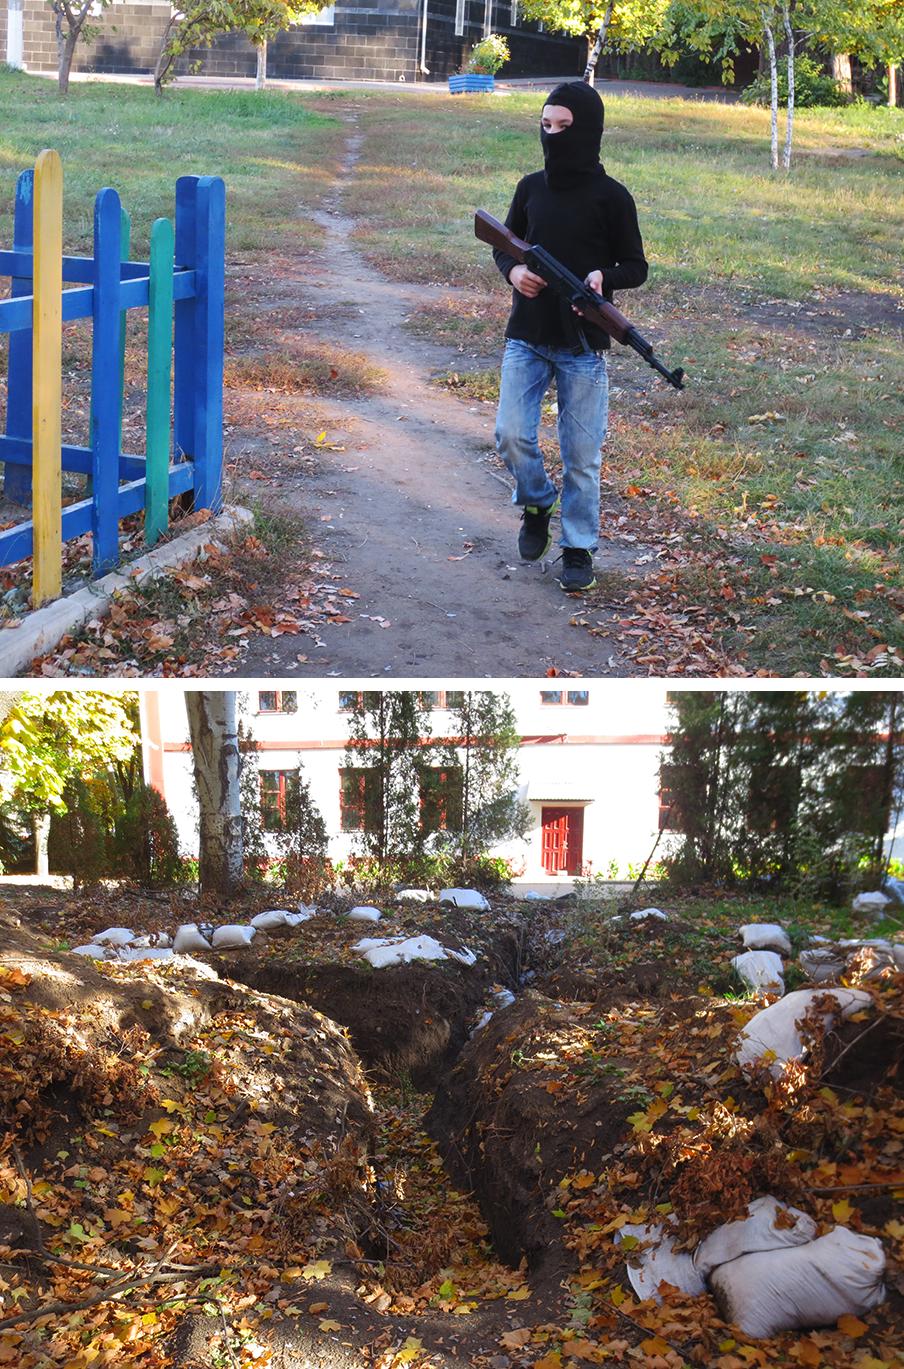 Boven: Kinderen spelen oorlogje. Net echt, met hun nepmachinegeweer en bivakmuts. Onder: Loopgraven en zandzakken in het centrum herinneren aan de oorlog tussen het Oekraïense leger en de pro-Russische separatisten. Foto's: Floris Akkerman